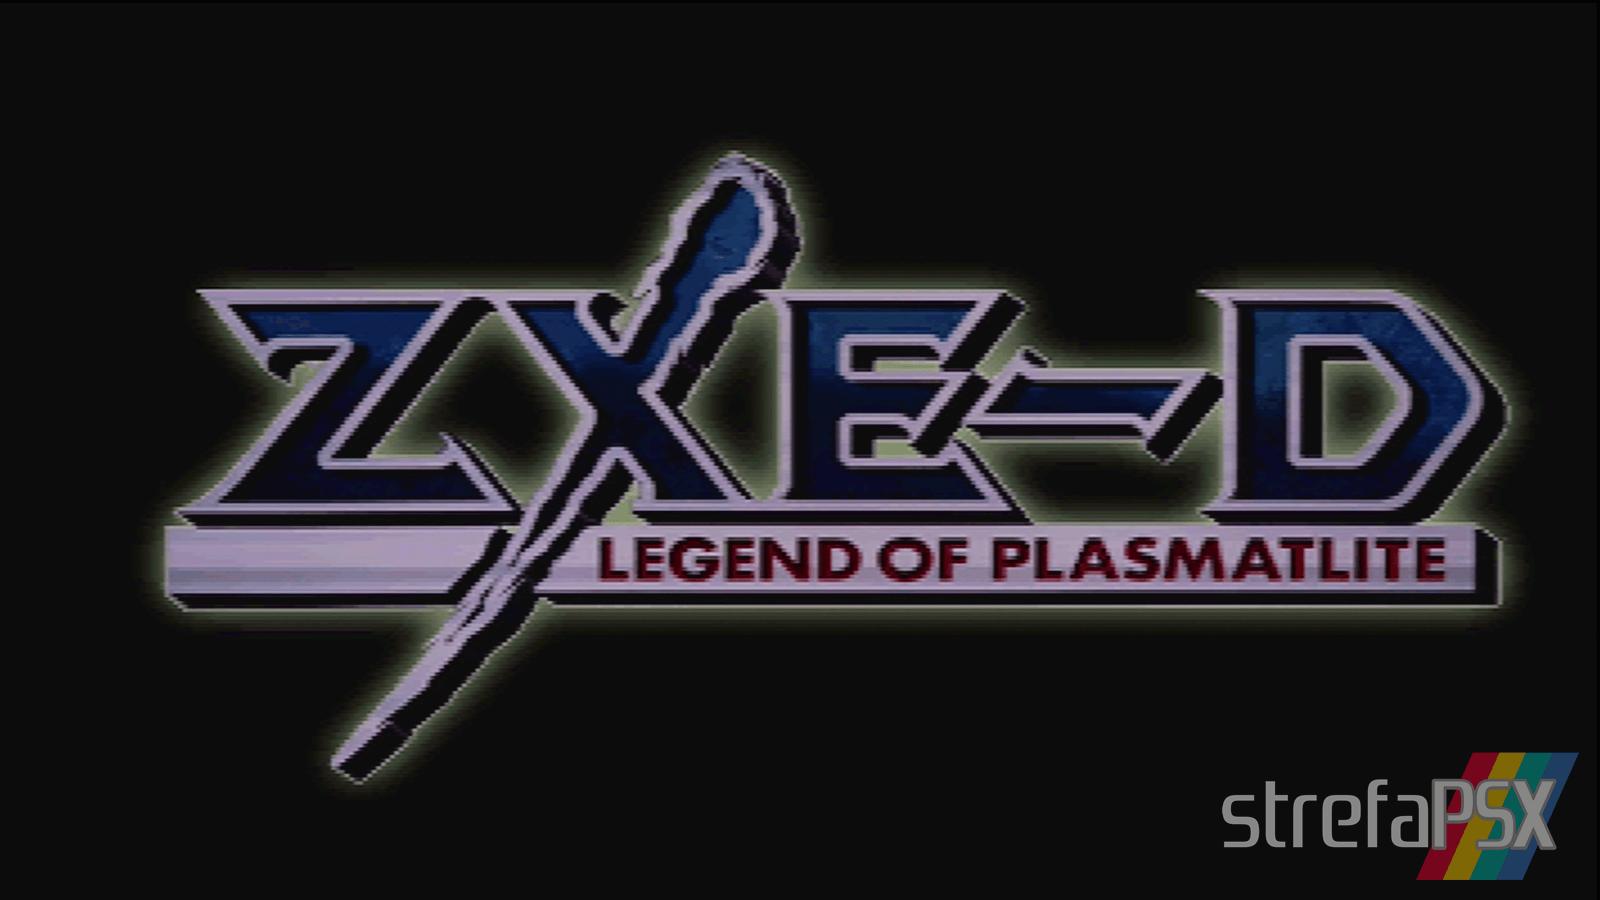 zxe d legend of plasmatlite 03 - Złóż i zagraj w ZXE-D Legend of Plasmatlite